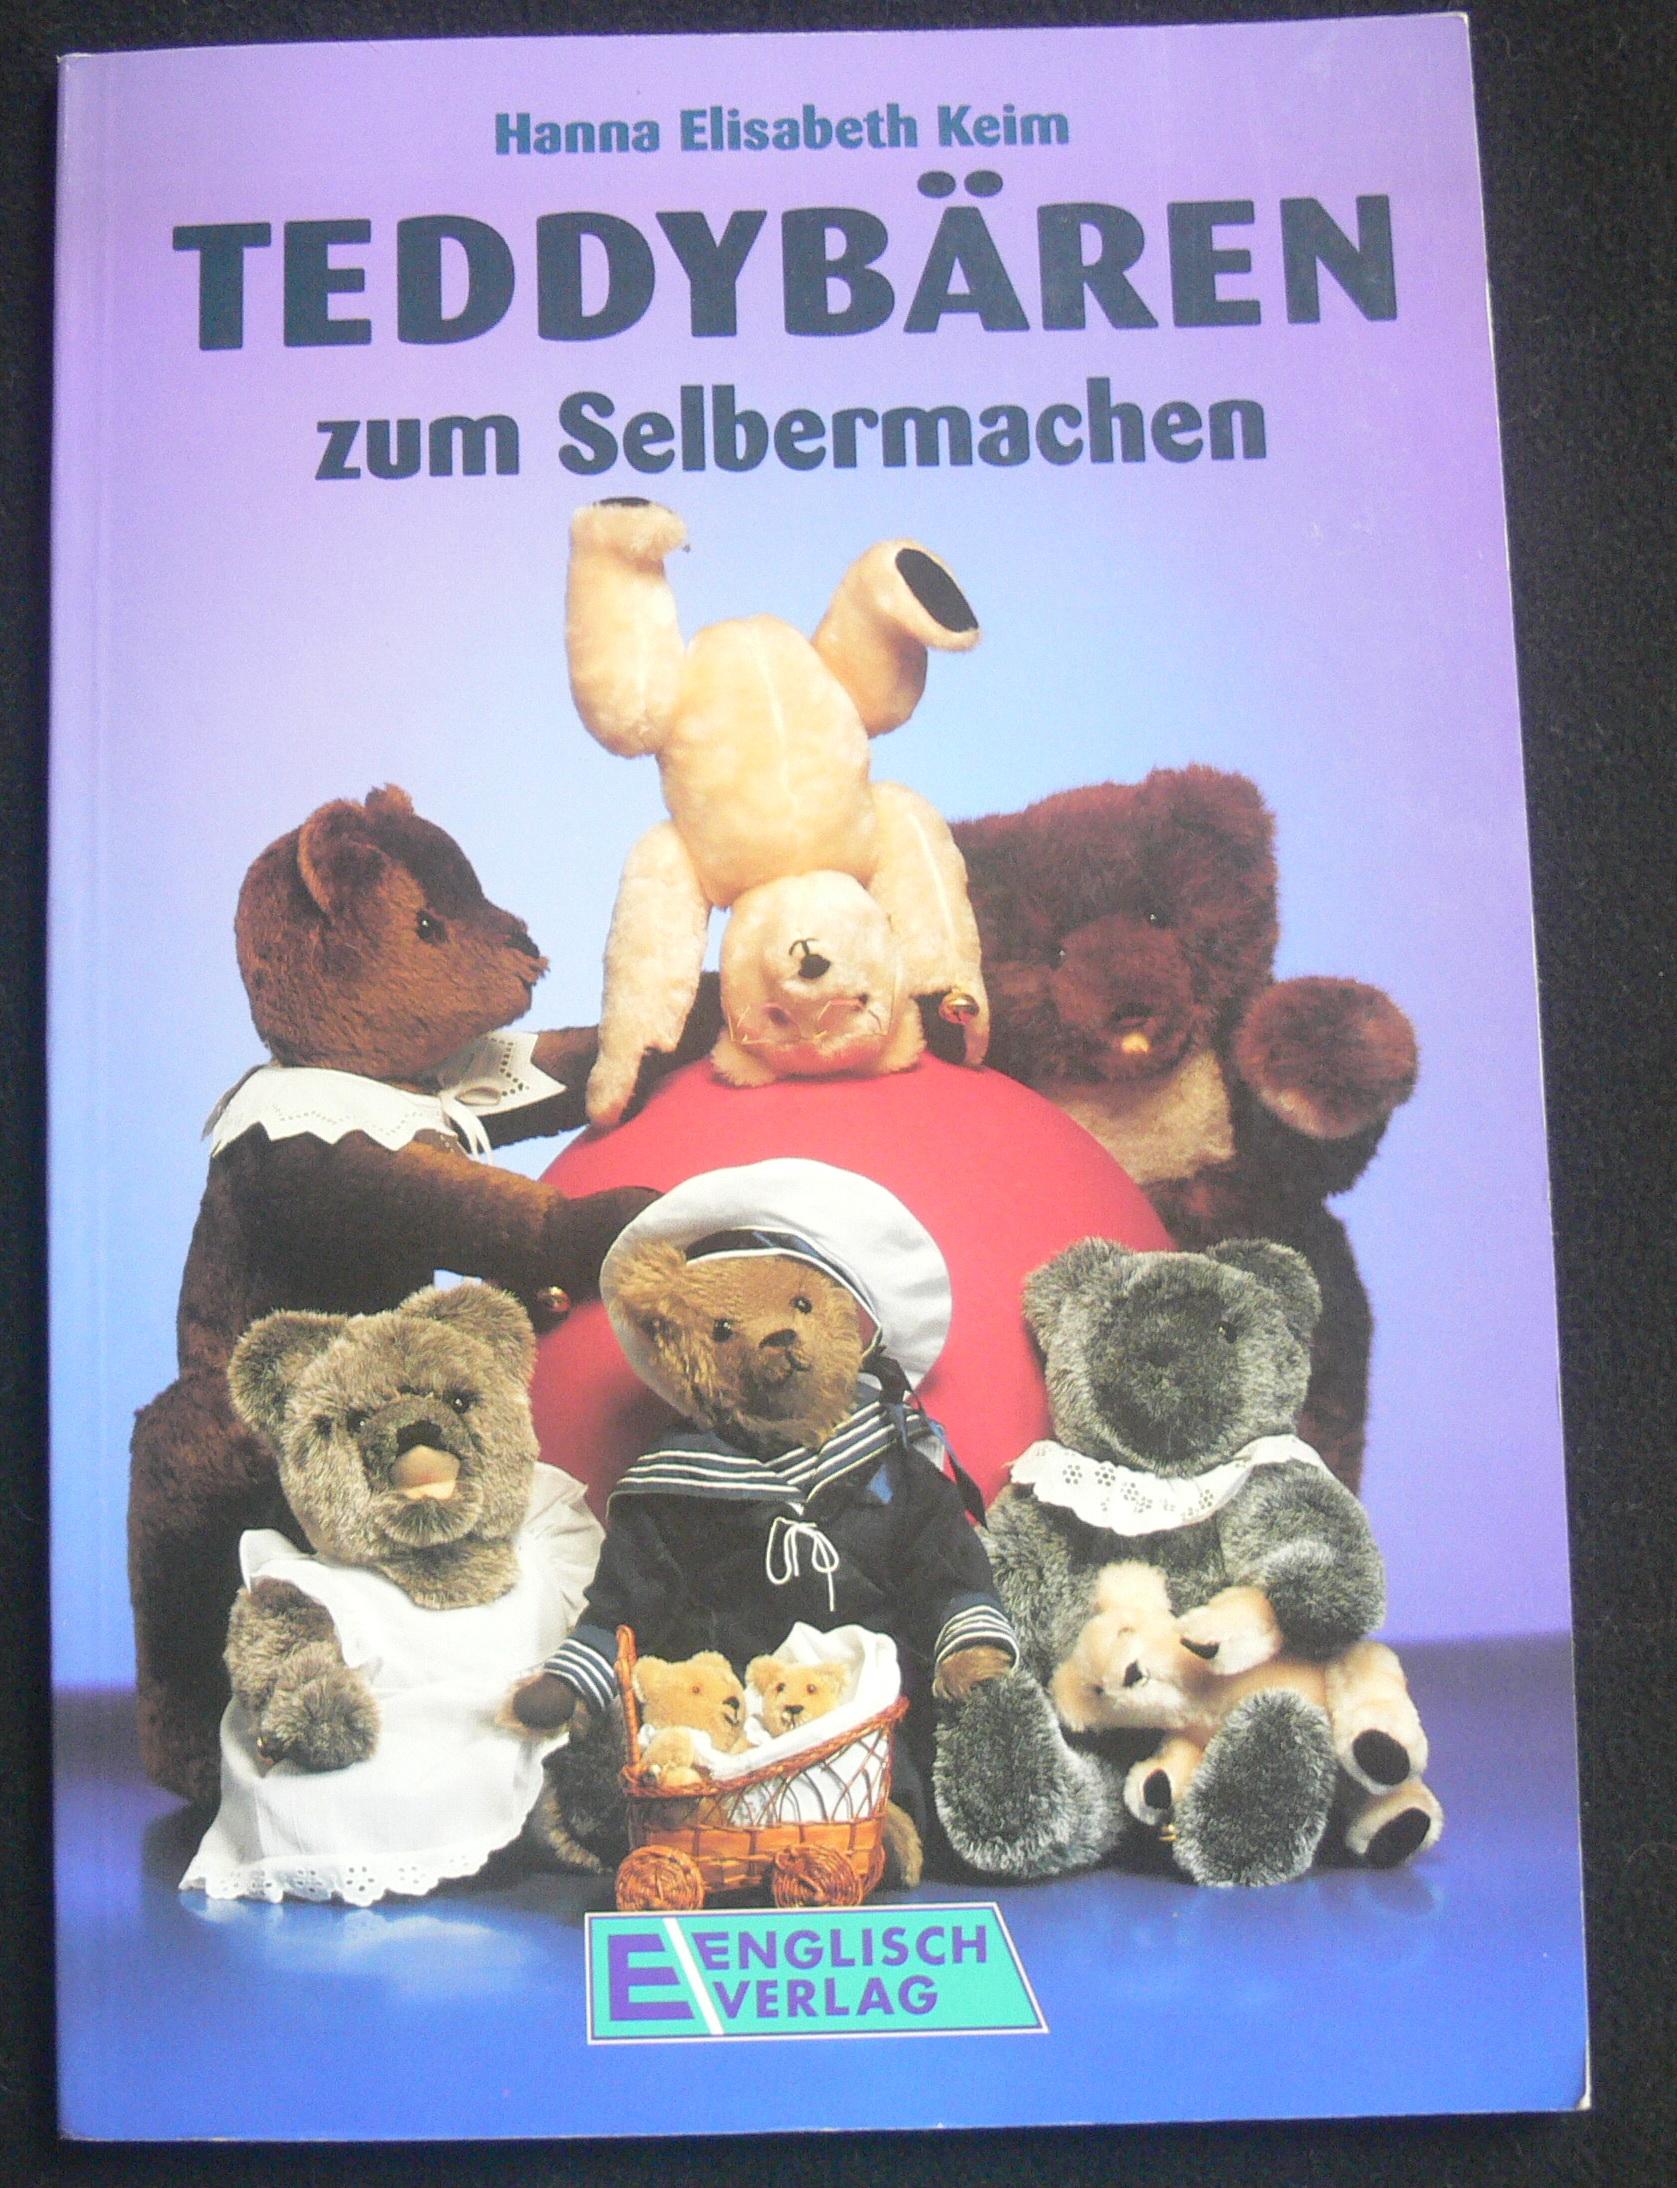 teddybären zum selbermachen / hanna elisabeth keim (english - 1994)